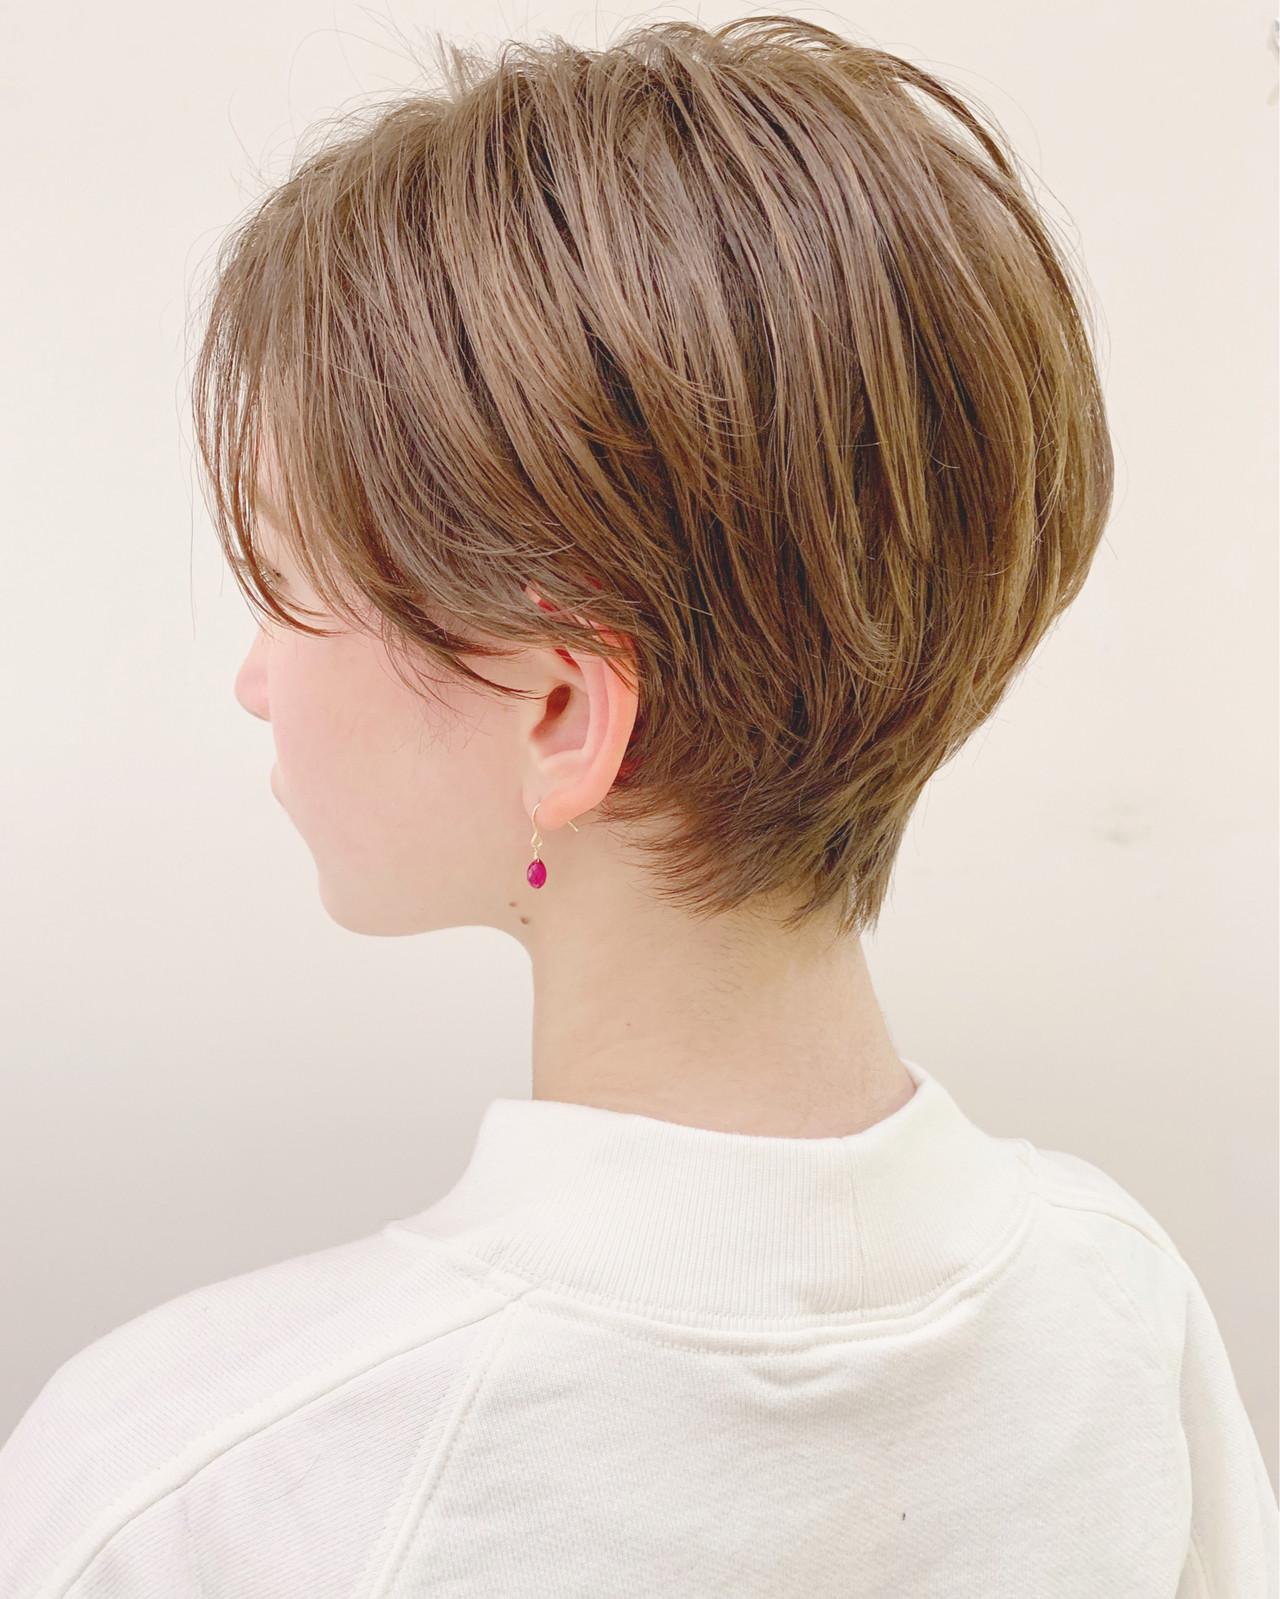 オフィス アウトドア デート ナチュラル ヘアスタイルや髪型の写真・画像